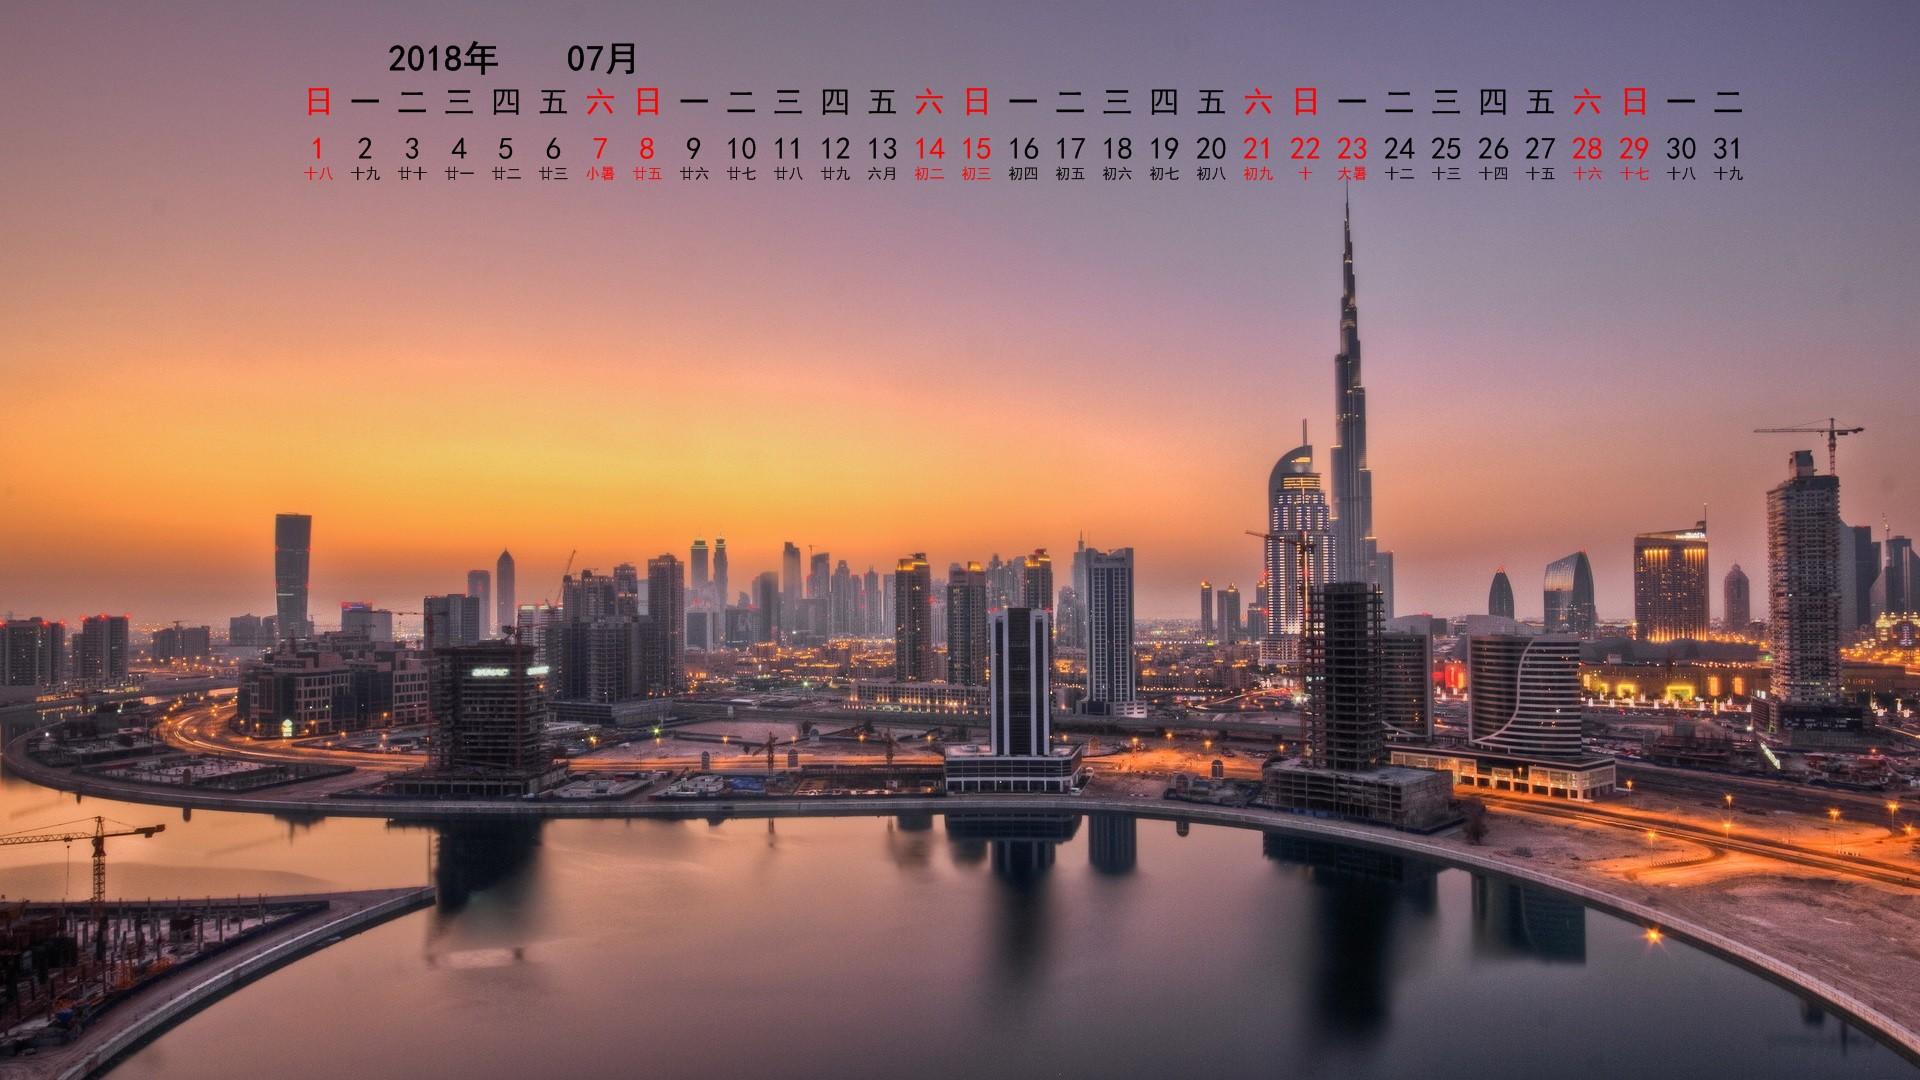 2018年7月风景宽月历(1920x1080)壁纸 - 桌面壁纸